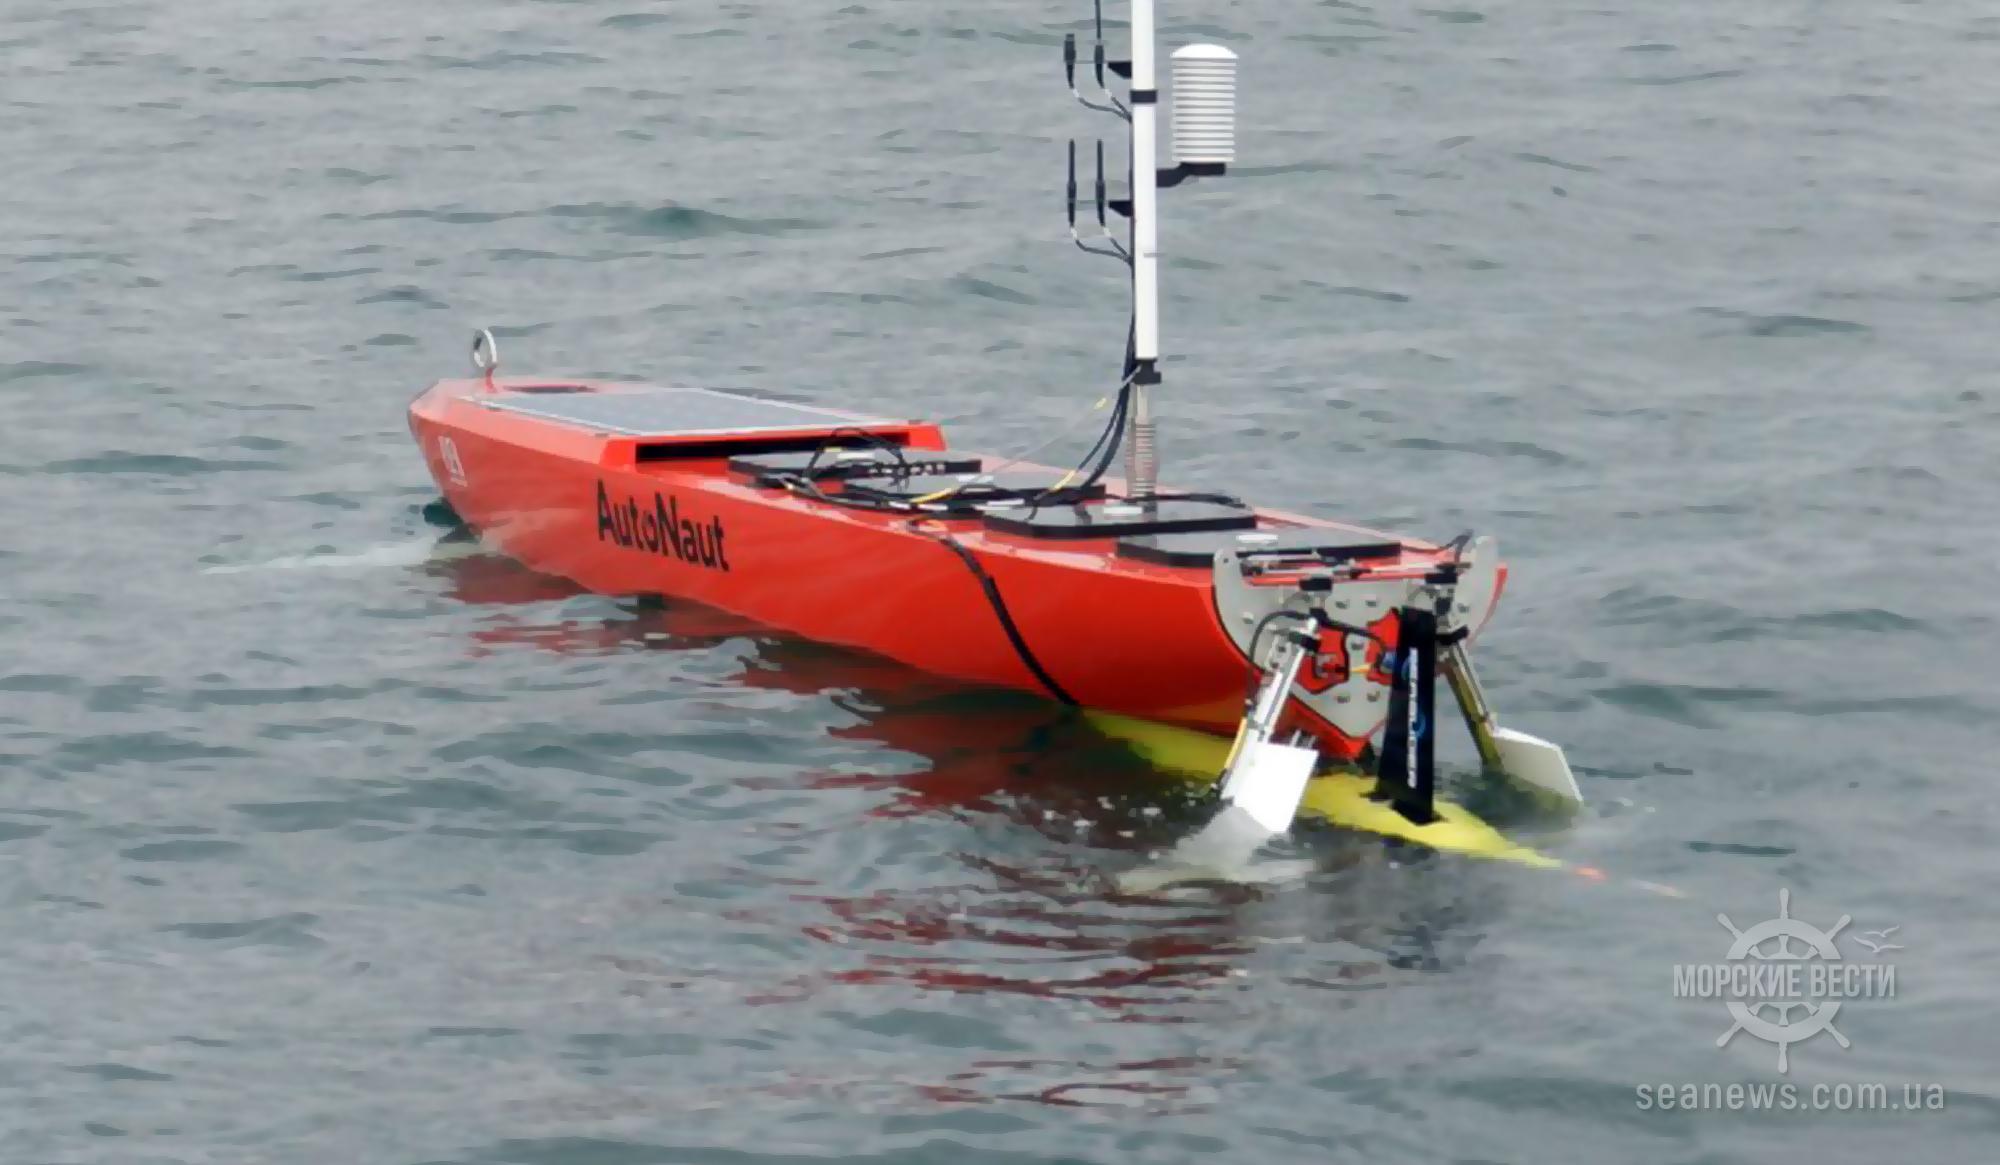 Британцы создали систему из автономного судна и беспилотной субмарины